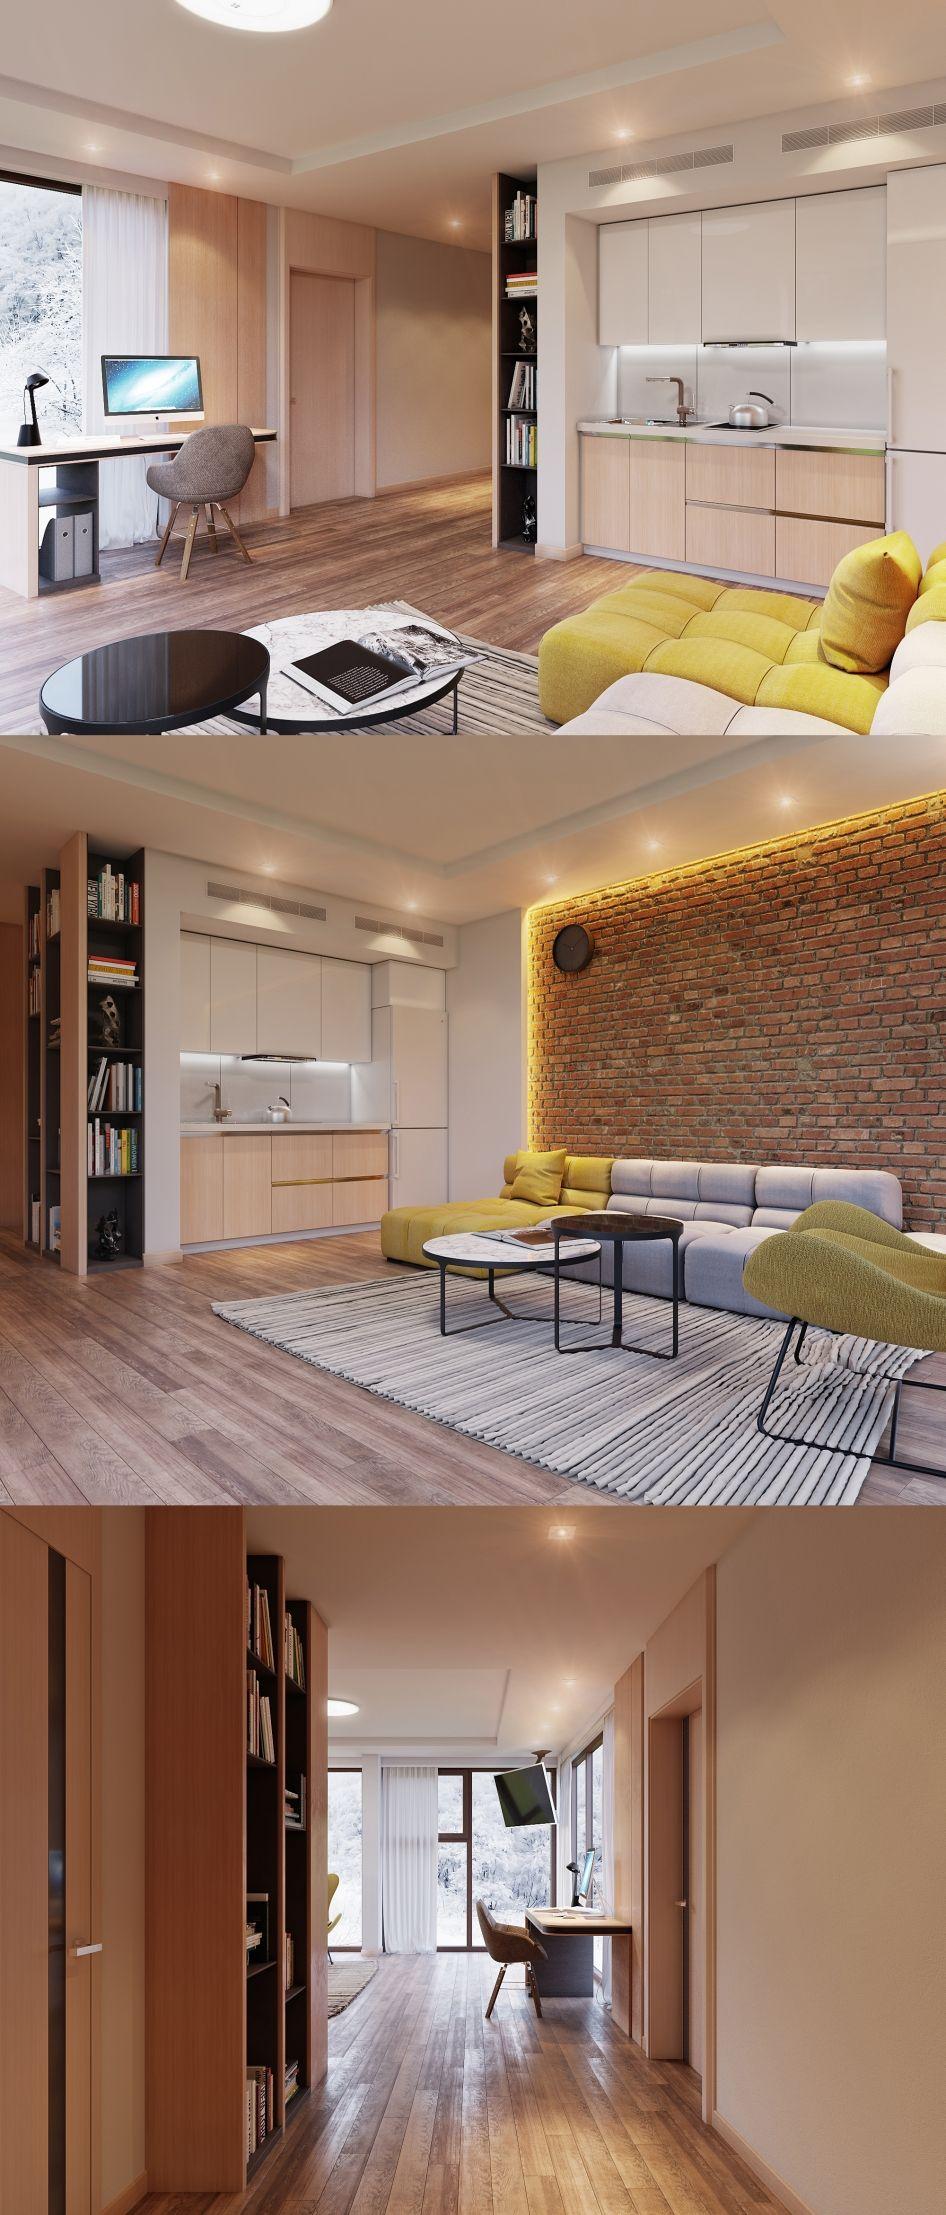 дизайн дома из контейнеров - Галерея 3ddd.ru